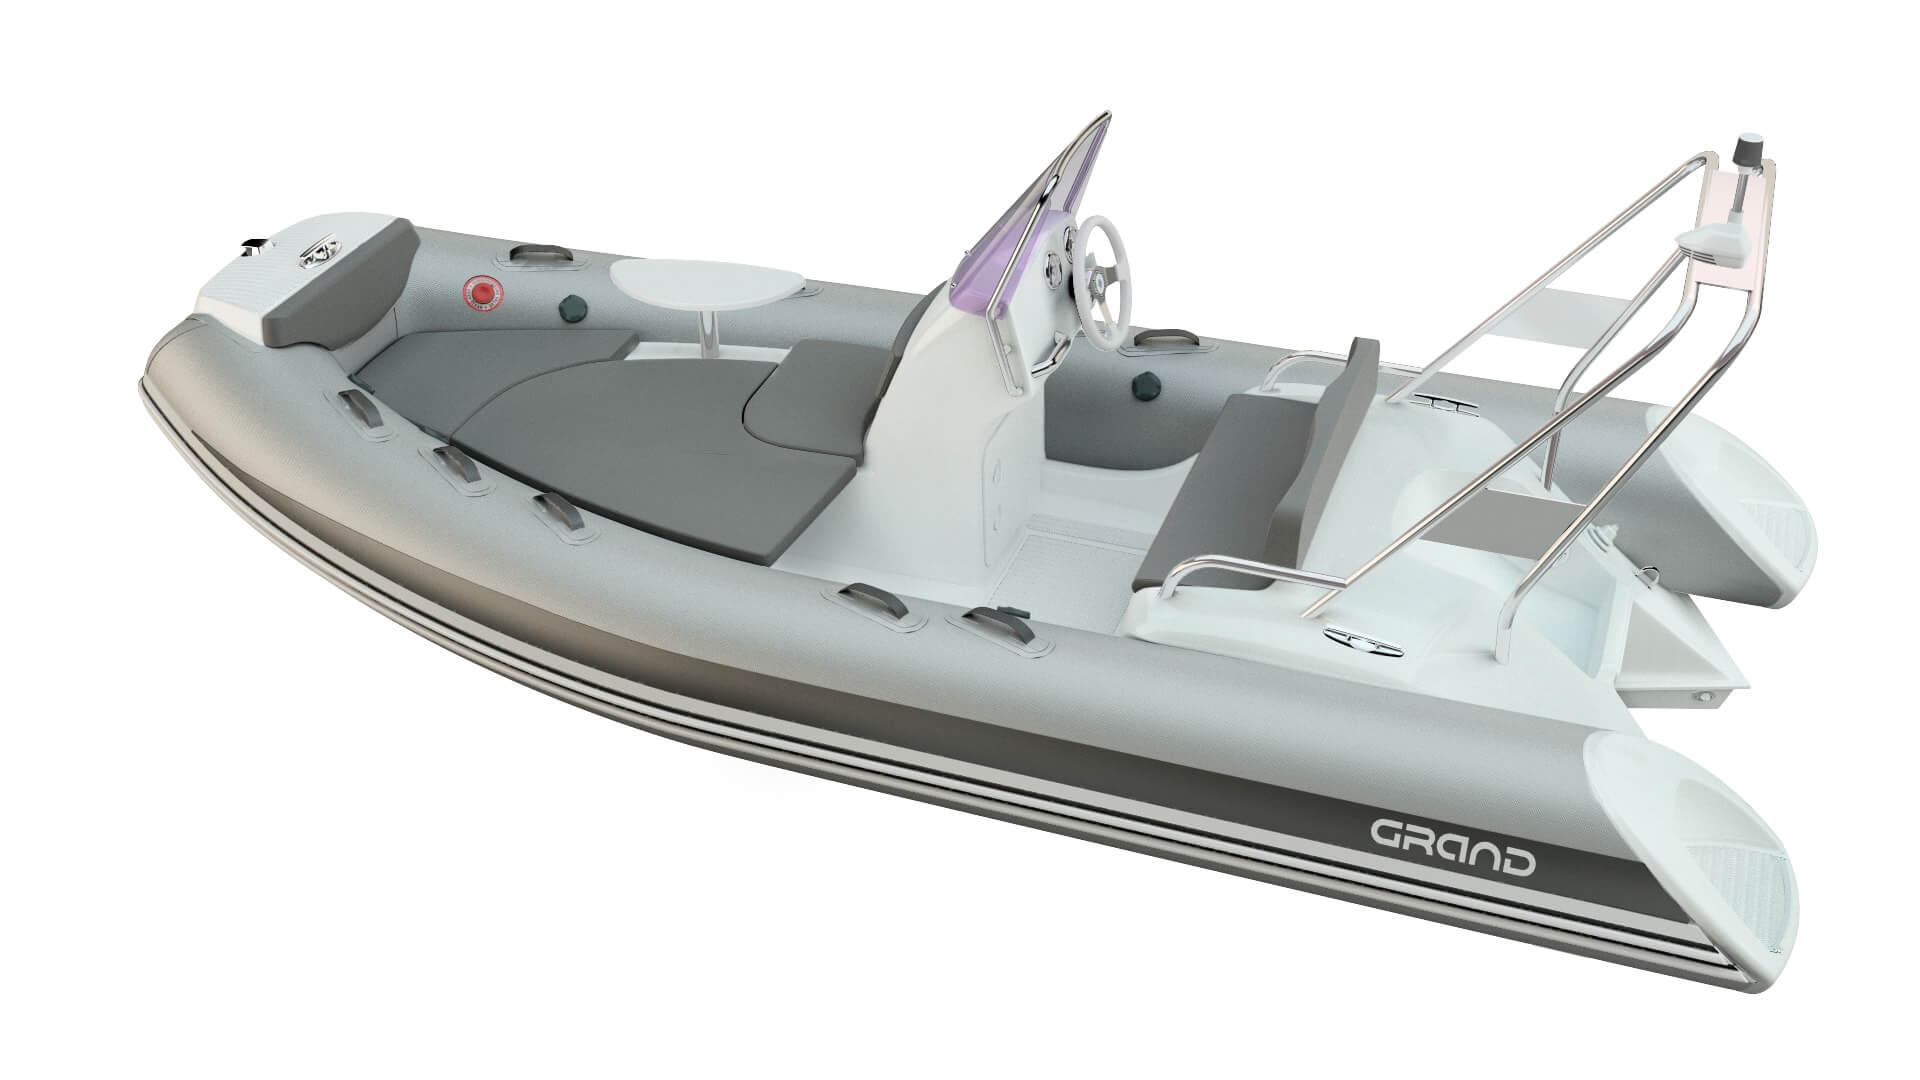 Надувная лодка GRAND Golden Line G480LF,  GRAND Golden Line G480LF,  GRAND G480LF, Надувная лодка GRAND Golden Line G480,  GRAND Golden Line G480,  GRAND G480, Надувная лодка GRAND, Надувная лодка с жестким дном,  Rigid Inflatable Boats, RIB